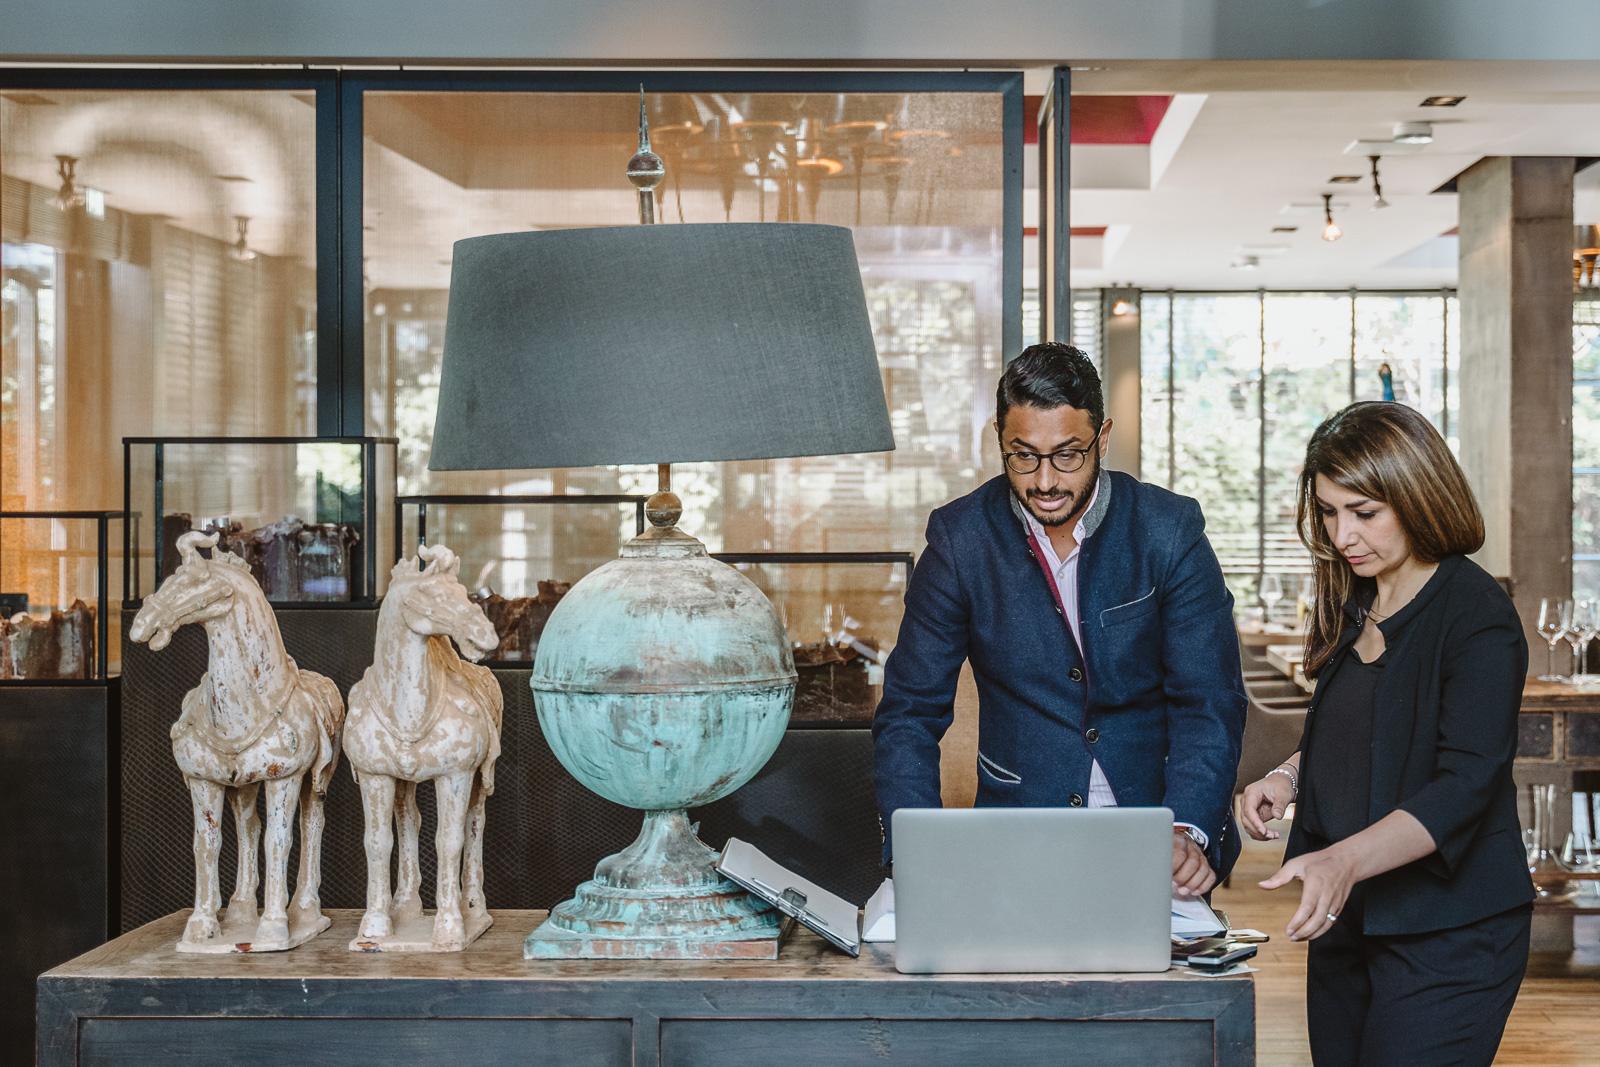 Businessfotografie - Oskar in der Remise in Bonn - Geschäftsführer checkt Termine